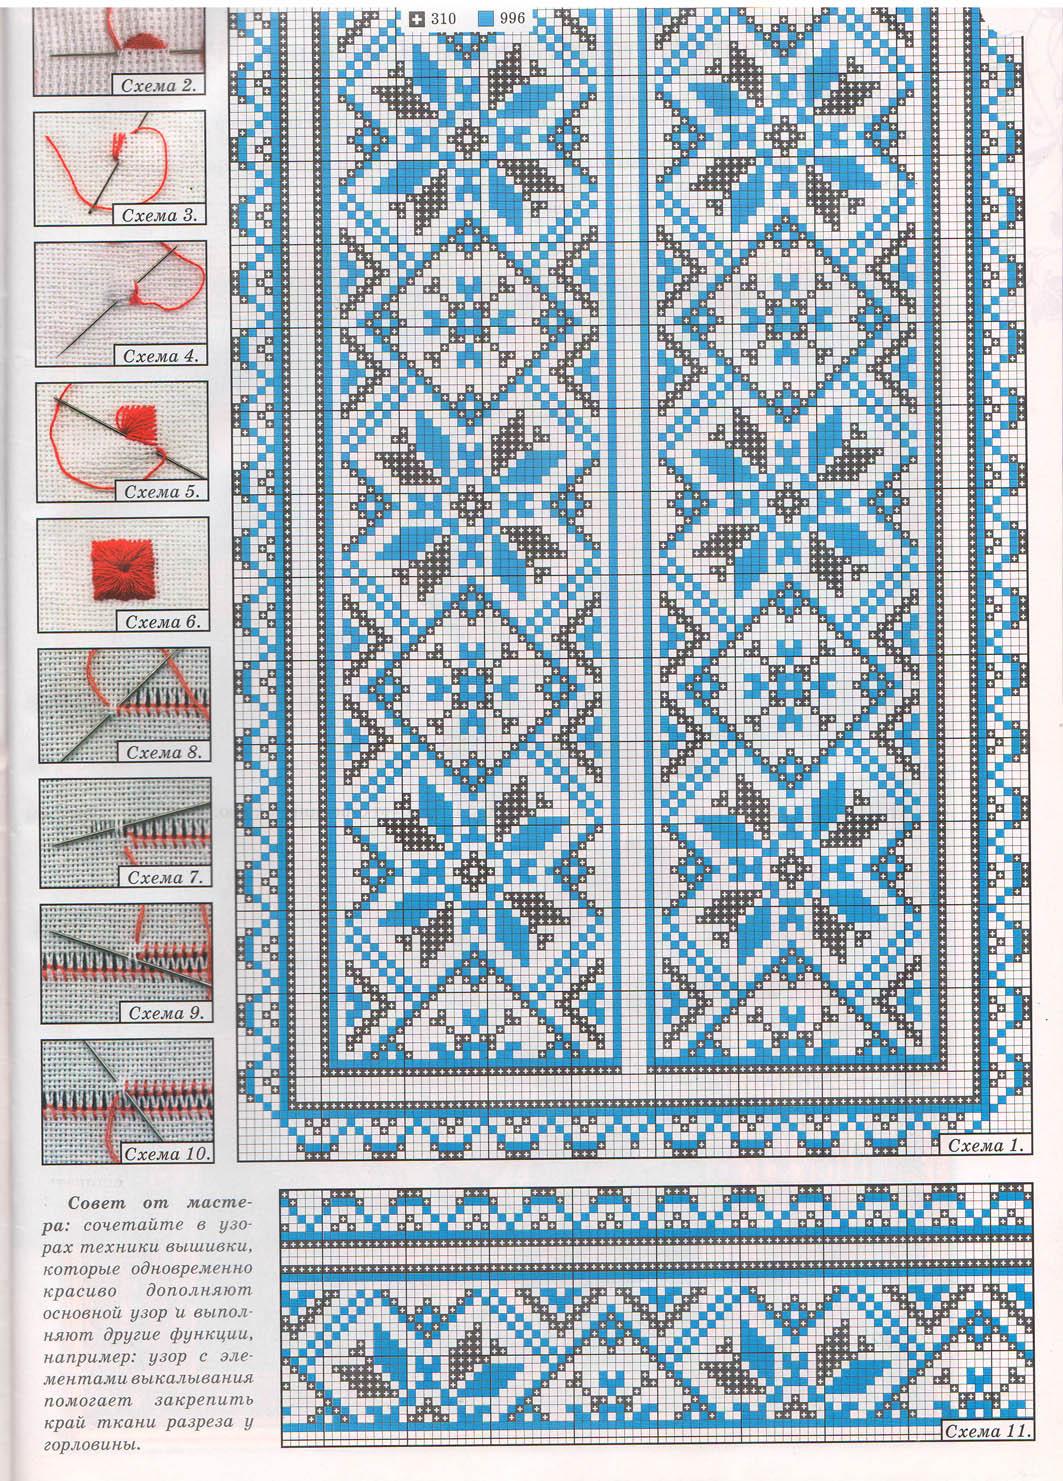 Laserjobradegreen — Образцы вышивки мужской сорочки e22e4b961ab07